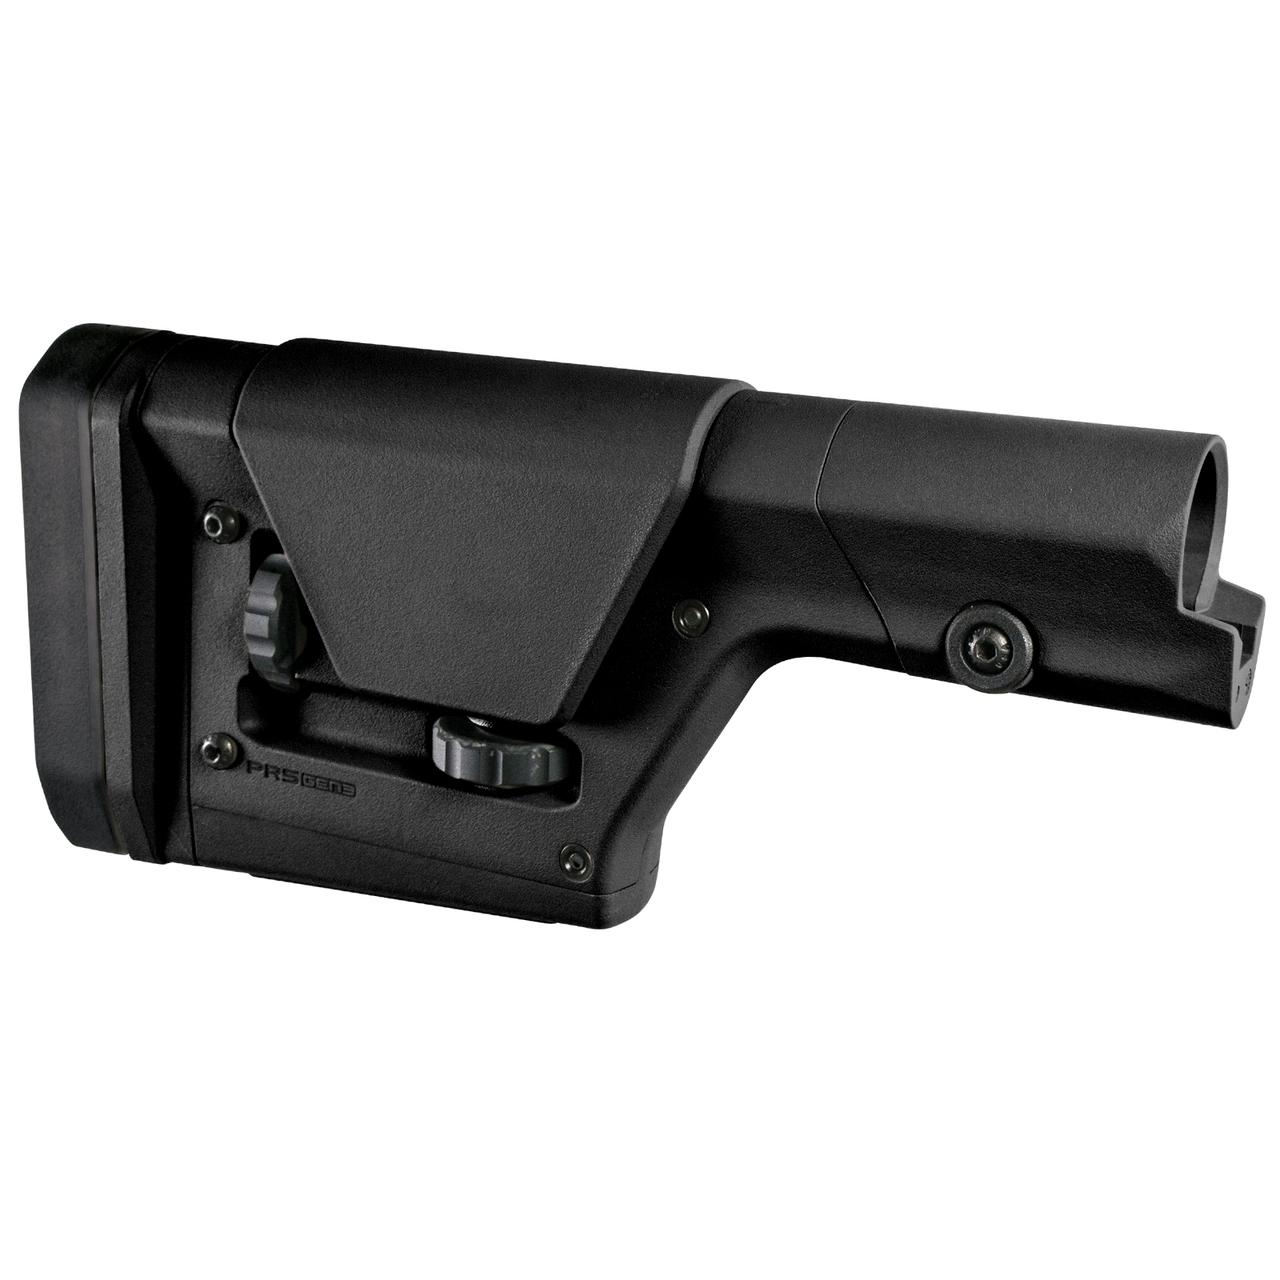 Magpul PRS Gen 3 Precision-Adjustable Stock Black